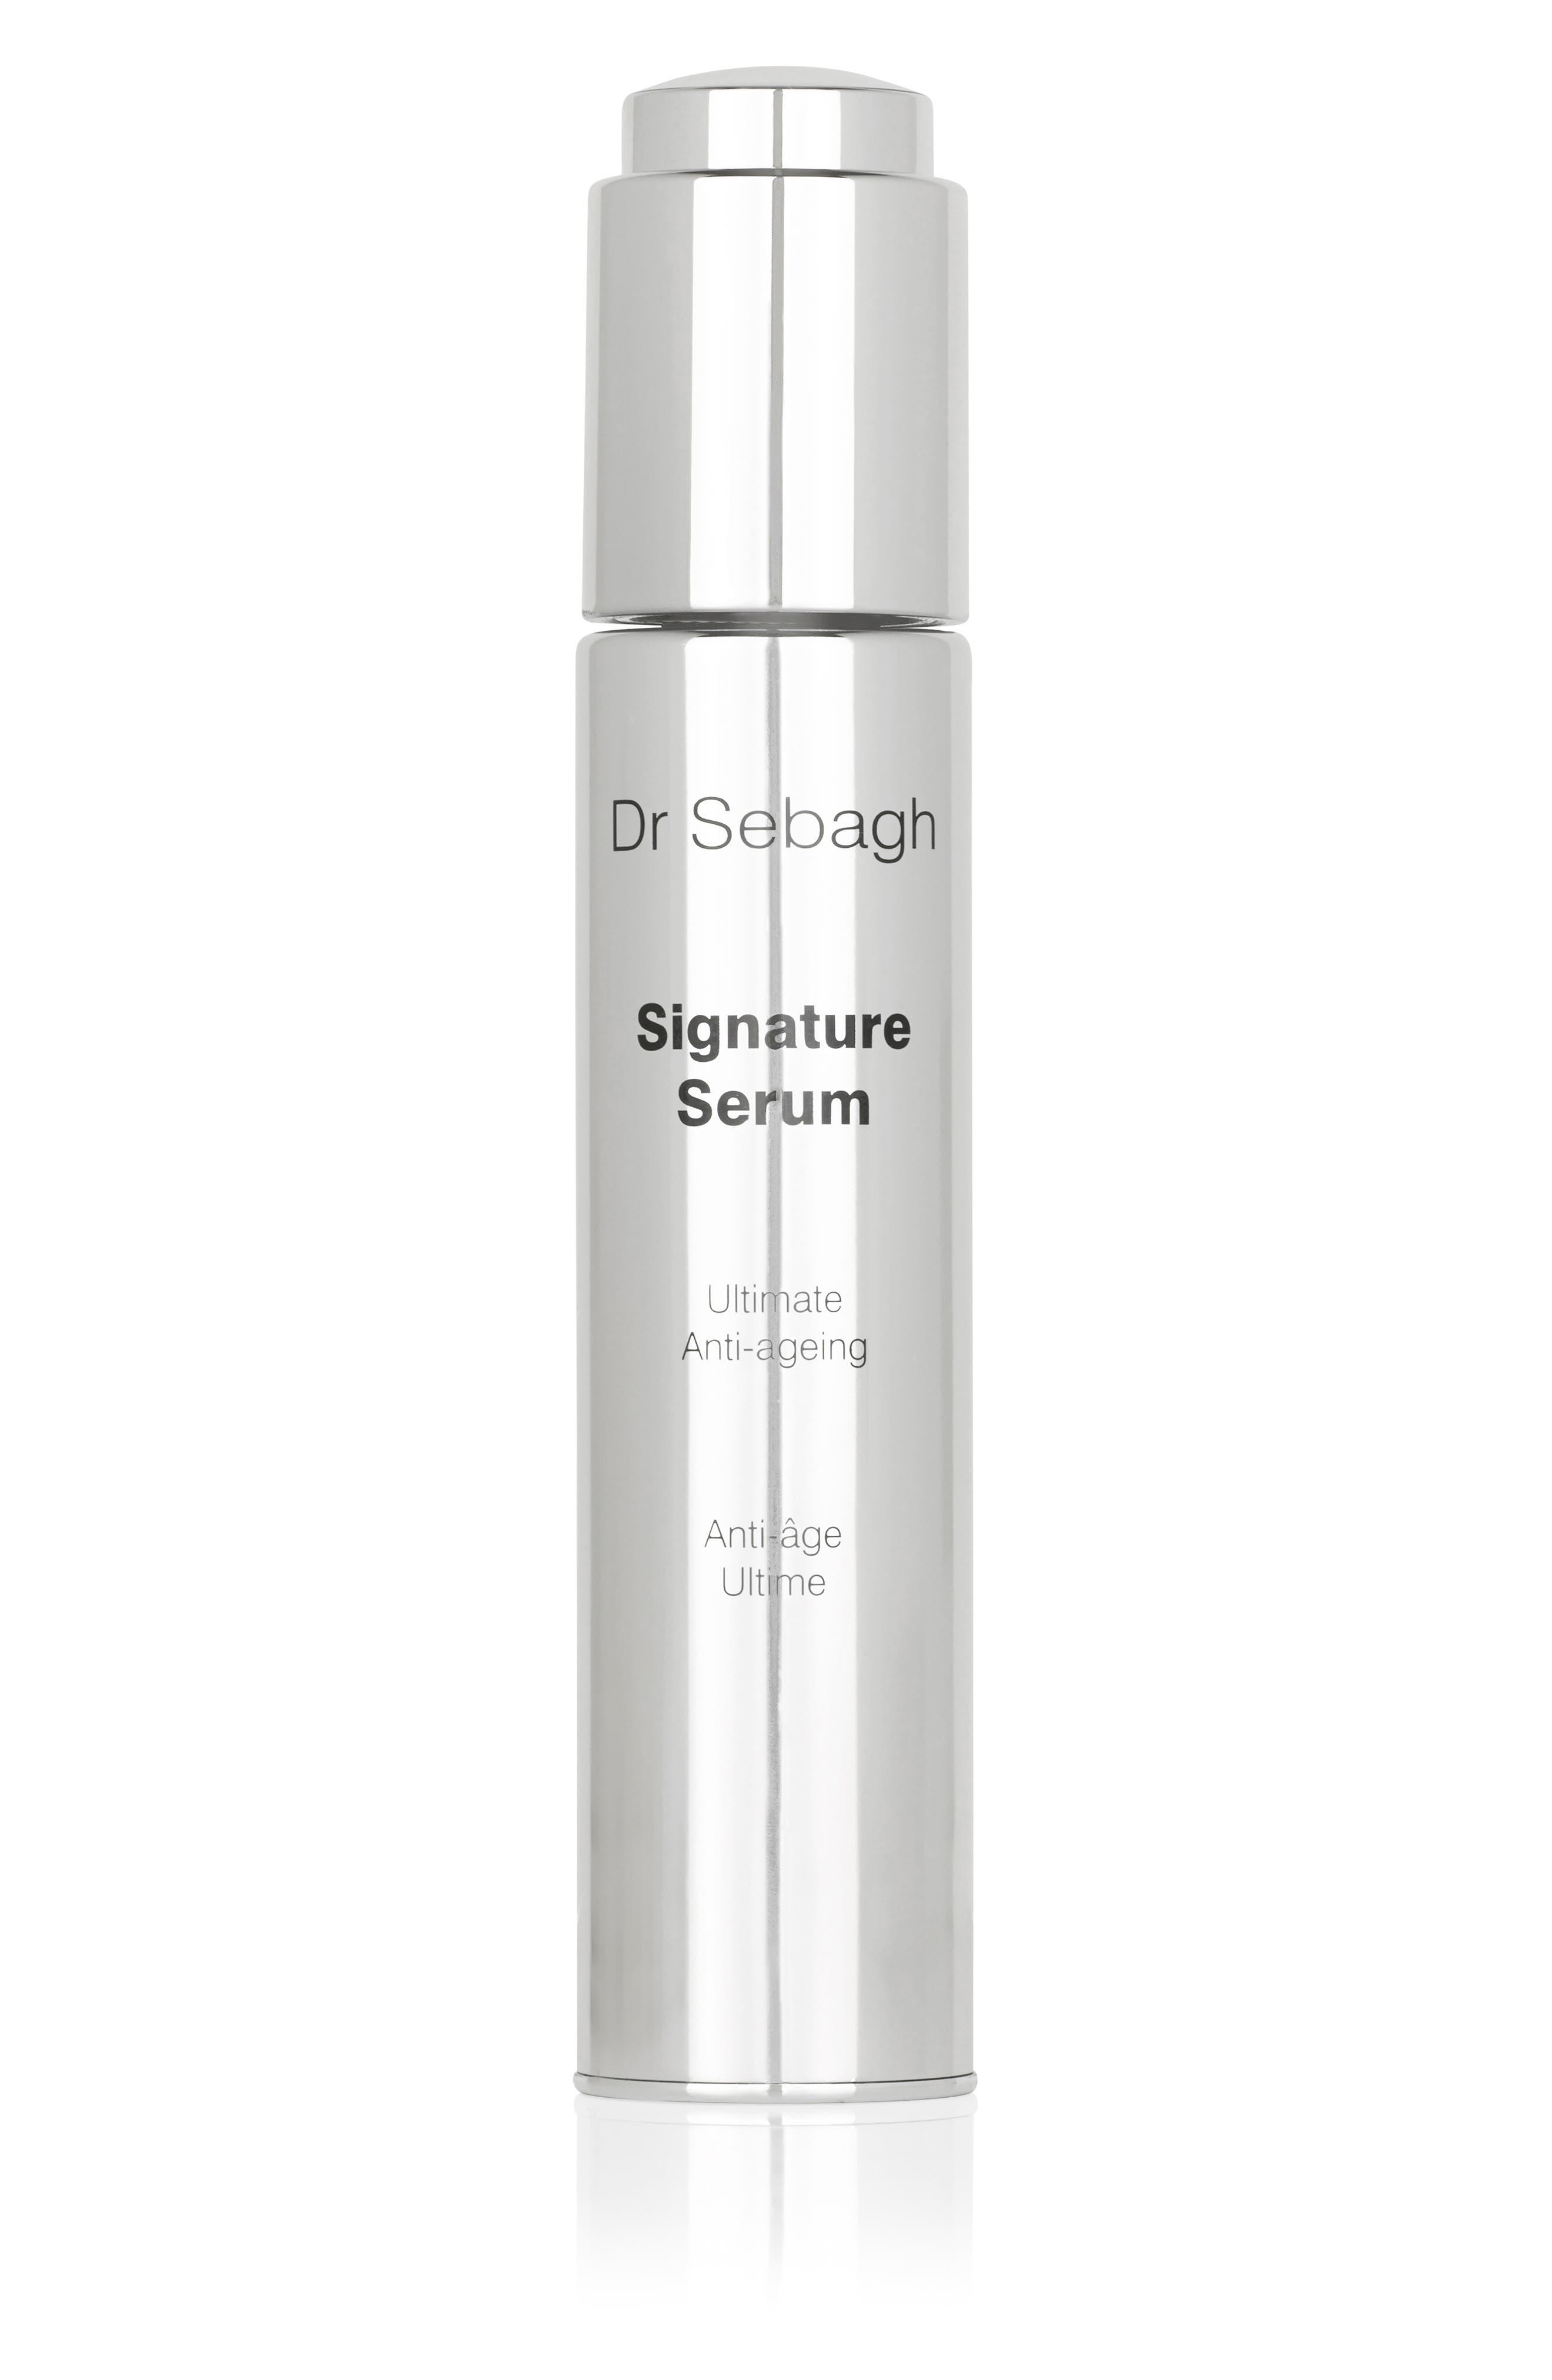 Signature Serum